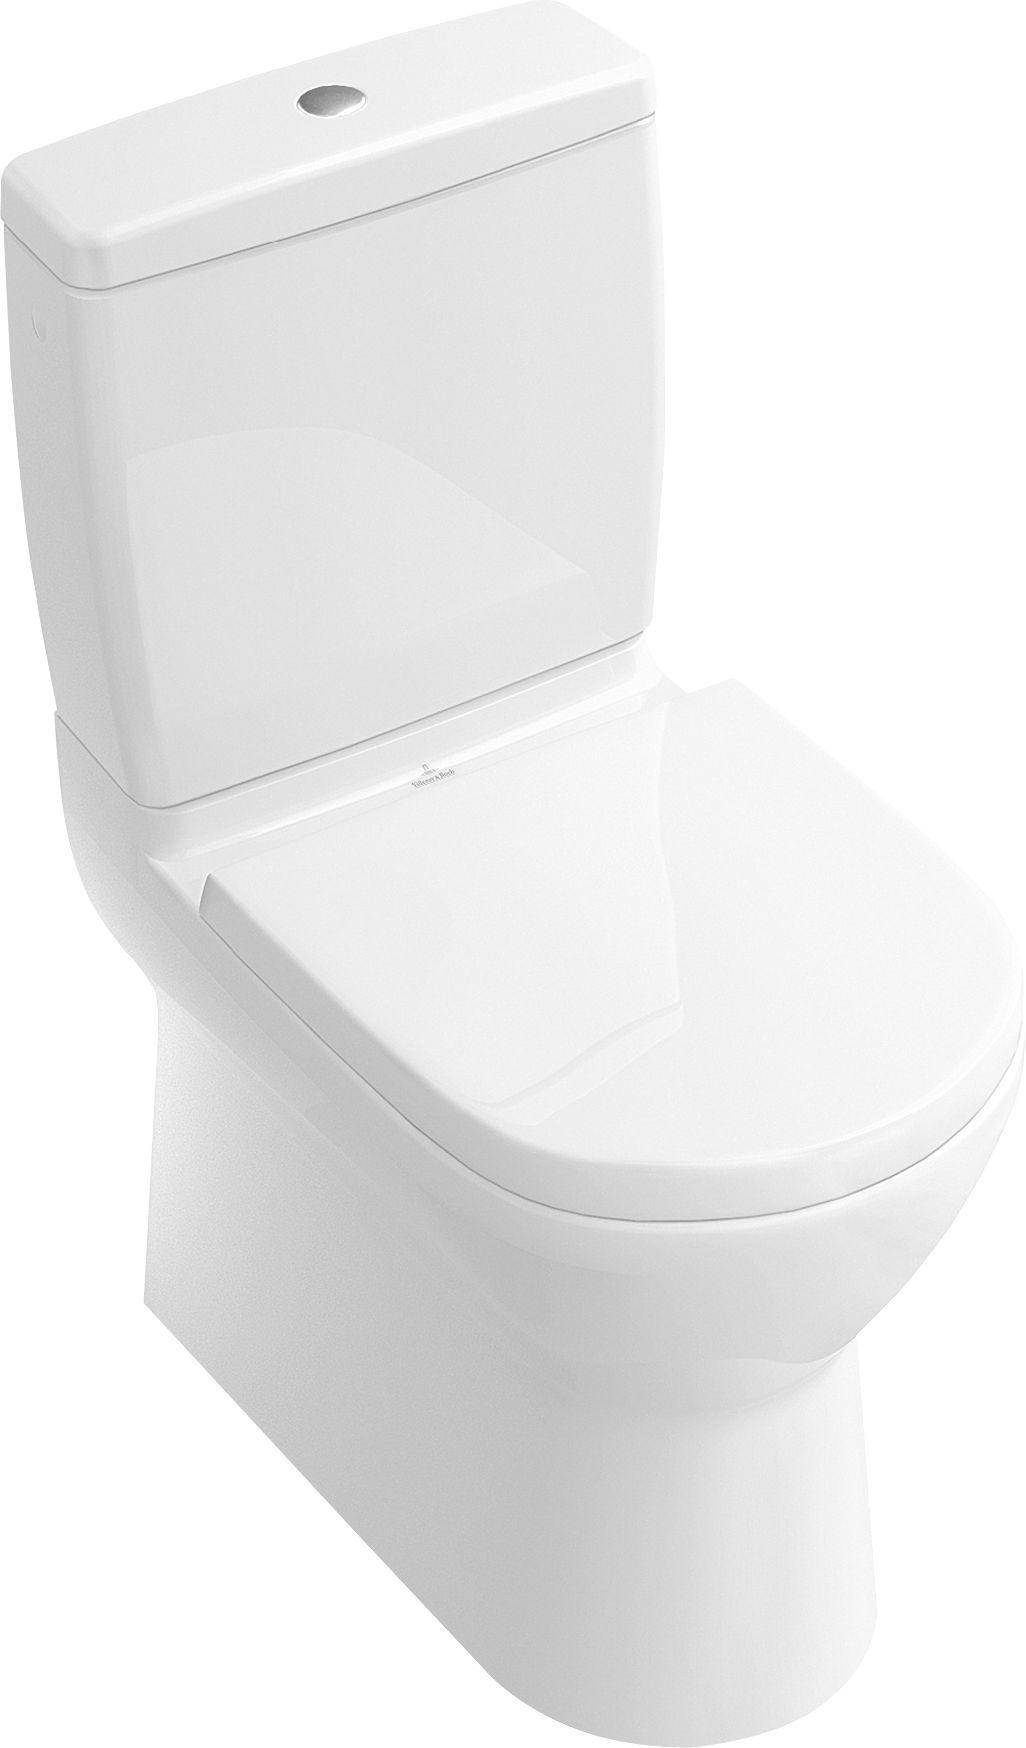 Villeroy & Boch O.novo Tiefspül-Stand-WC für Aufsatzspülkasten L:61xB:36cm Weiß Alpin mit Ceramicplus 565810R1